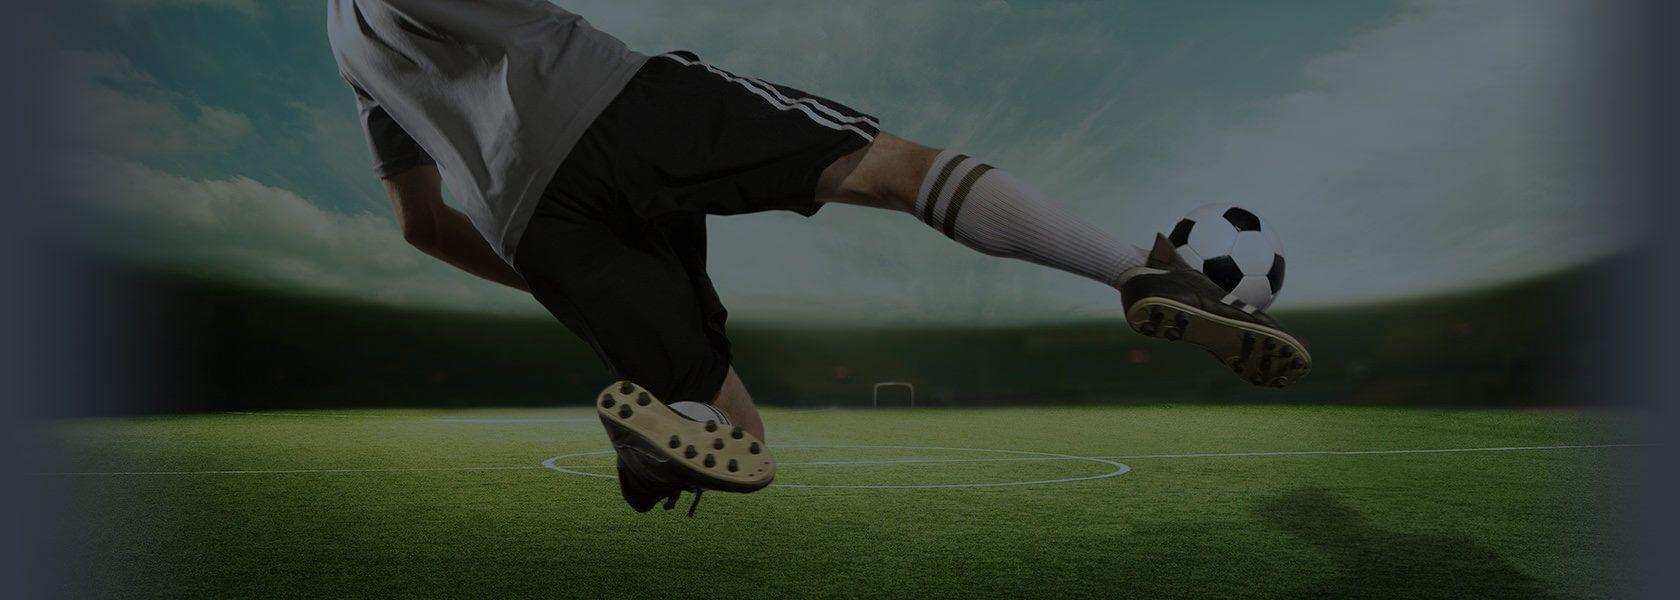 SoccerPro